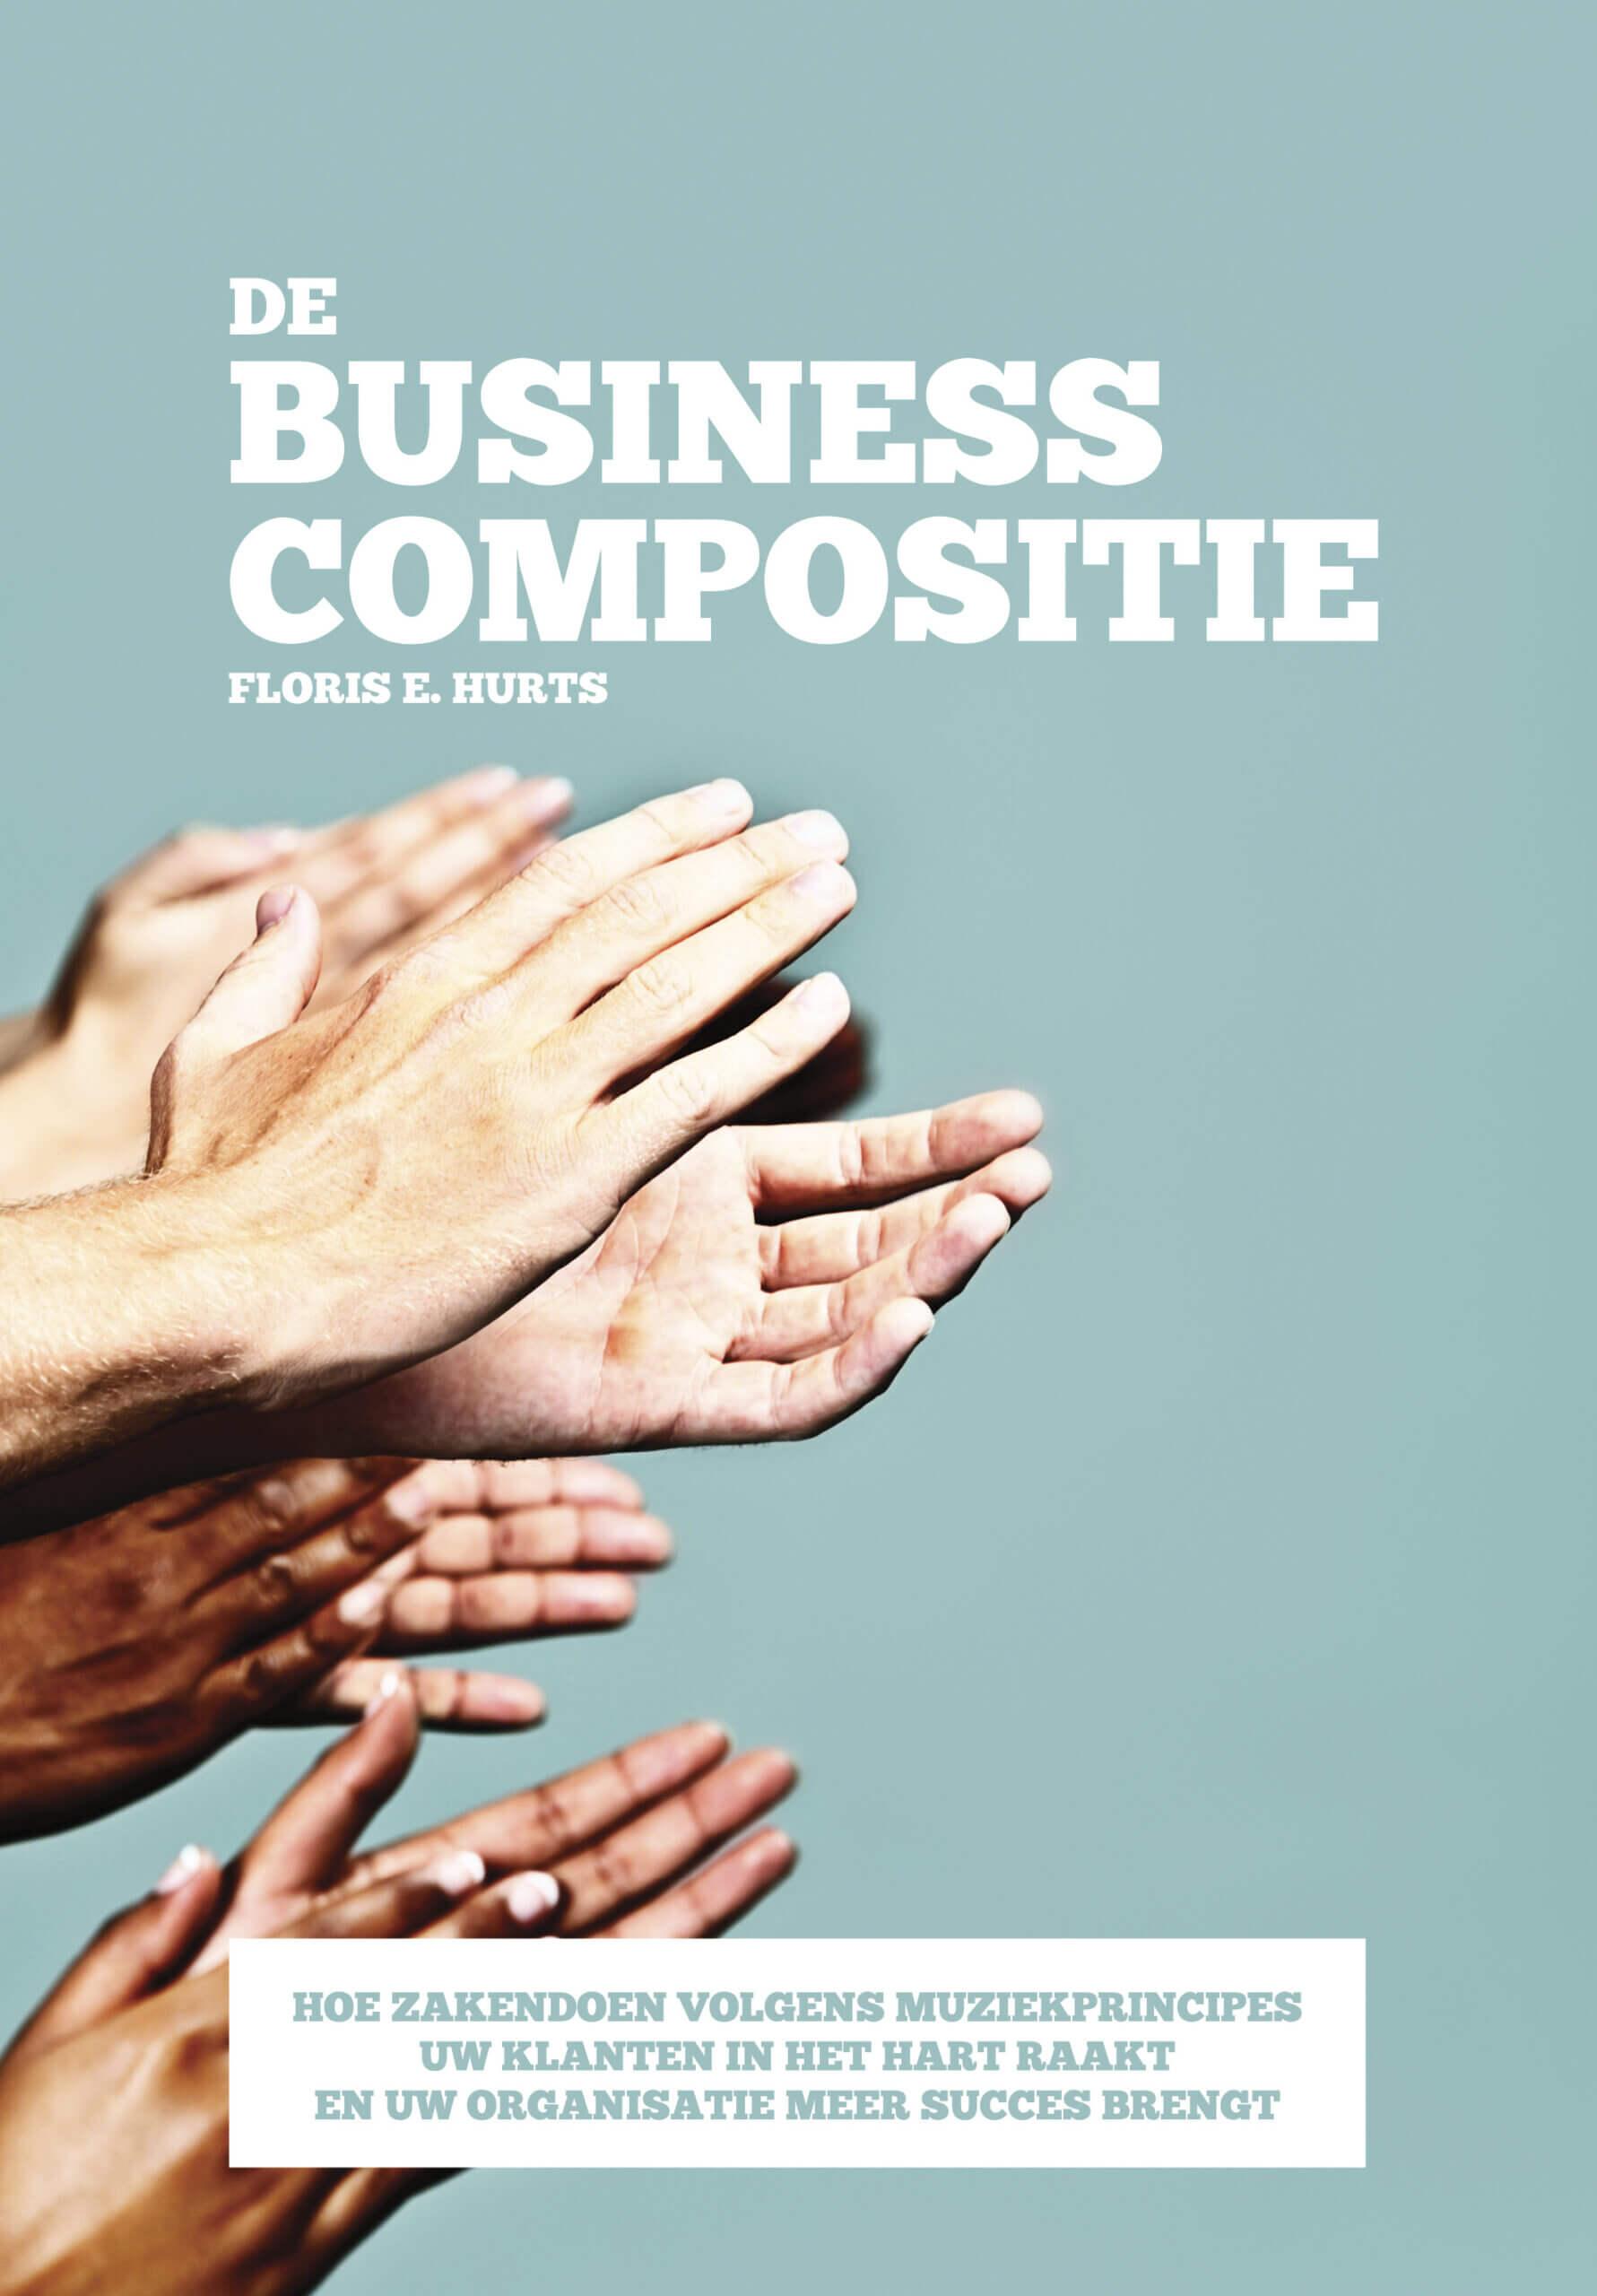 de business compositie omslag afbeelding